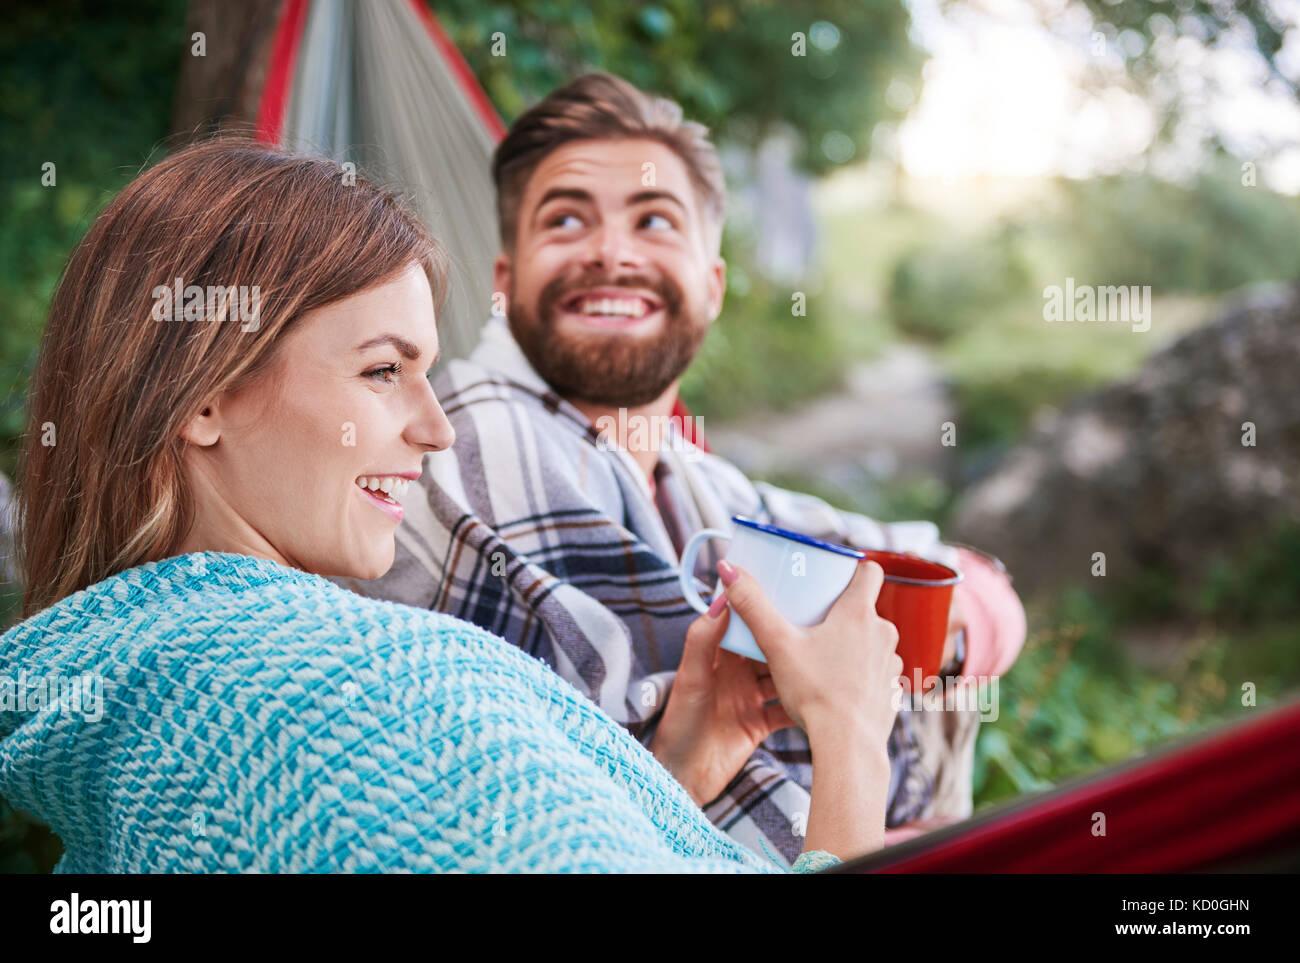 Couple in hammock holding enamel mugs smiling, Krakow, Malopolskie, Poland, Europe - Stock Image